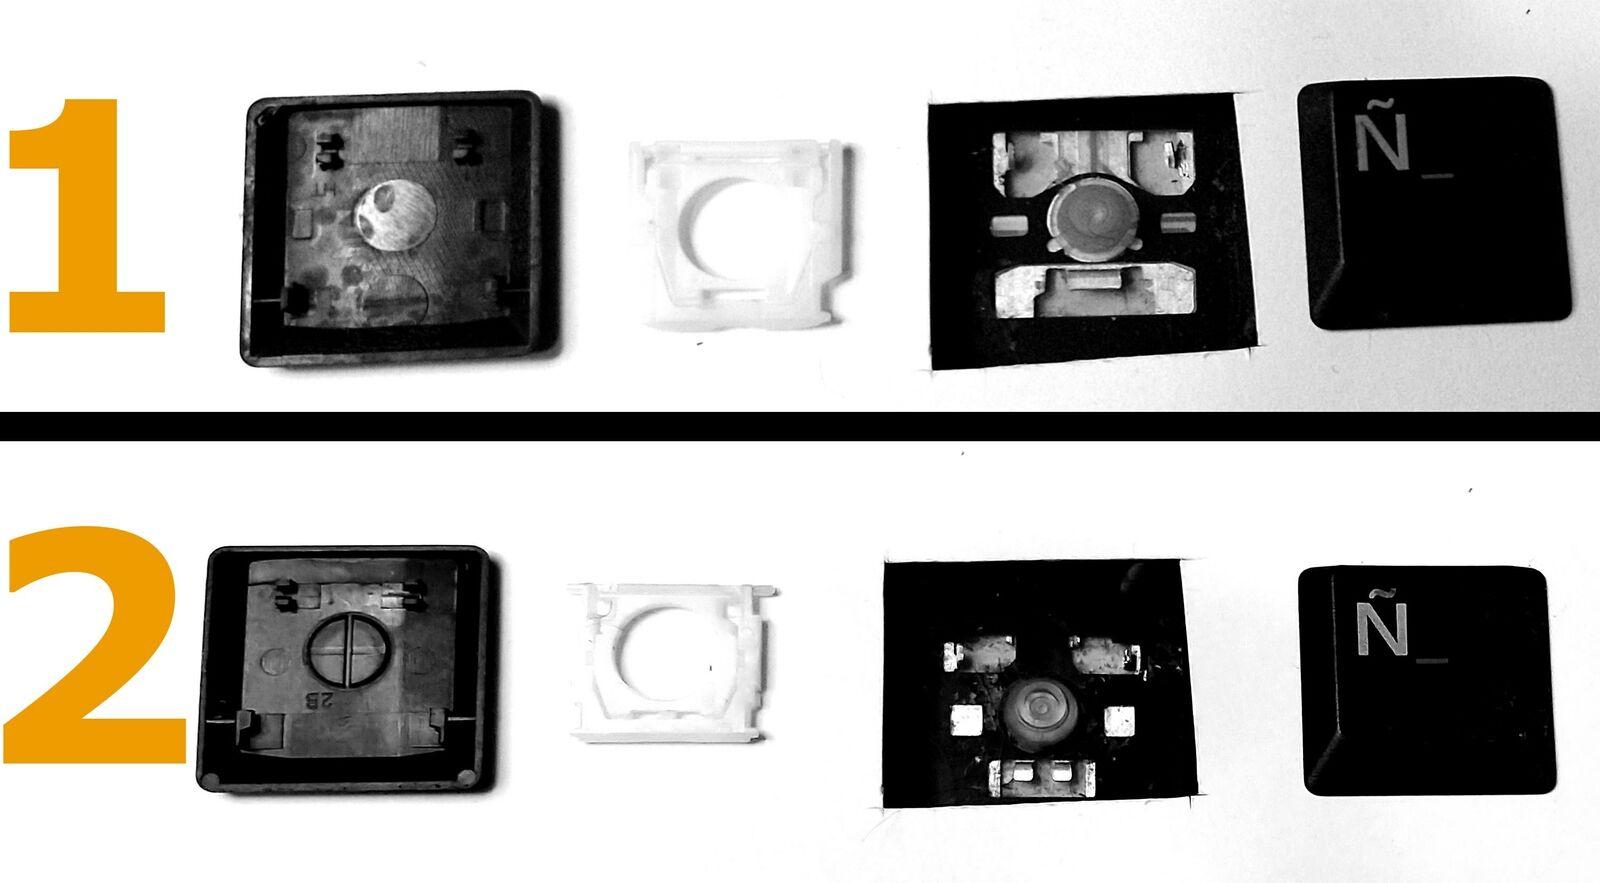 TECLA TECLAS DE TECLADO DELL LATITUDE E6500 E6510 E6220 E6320 E6430 E5420 M4400